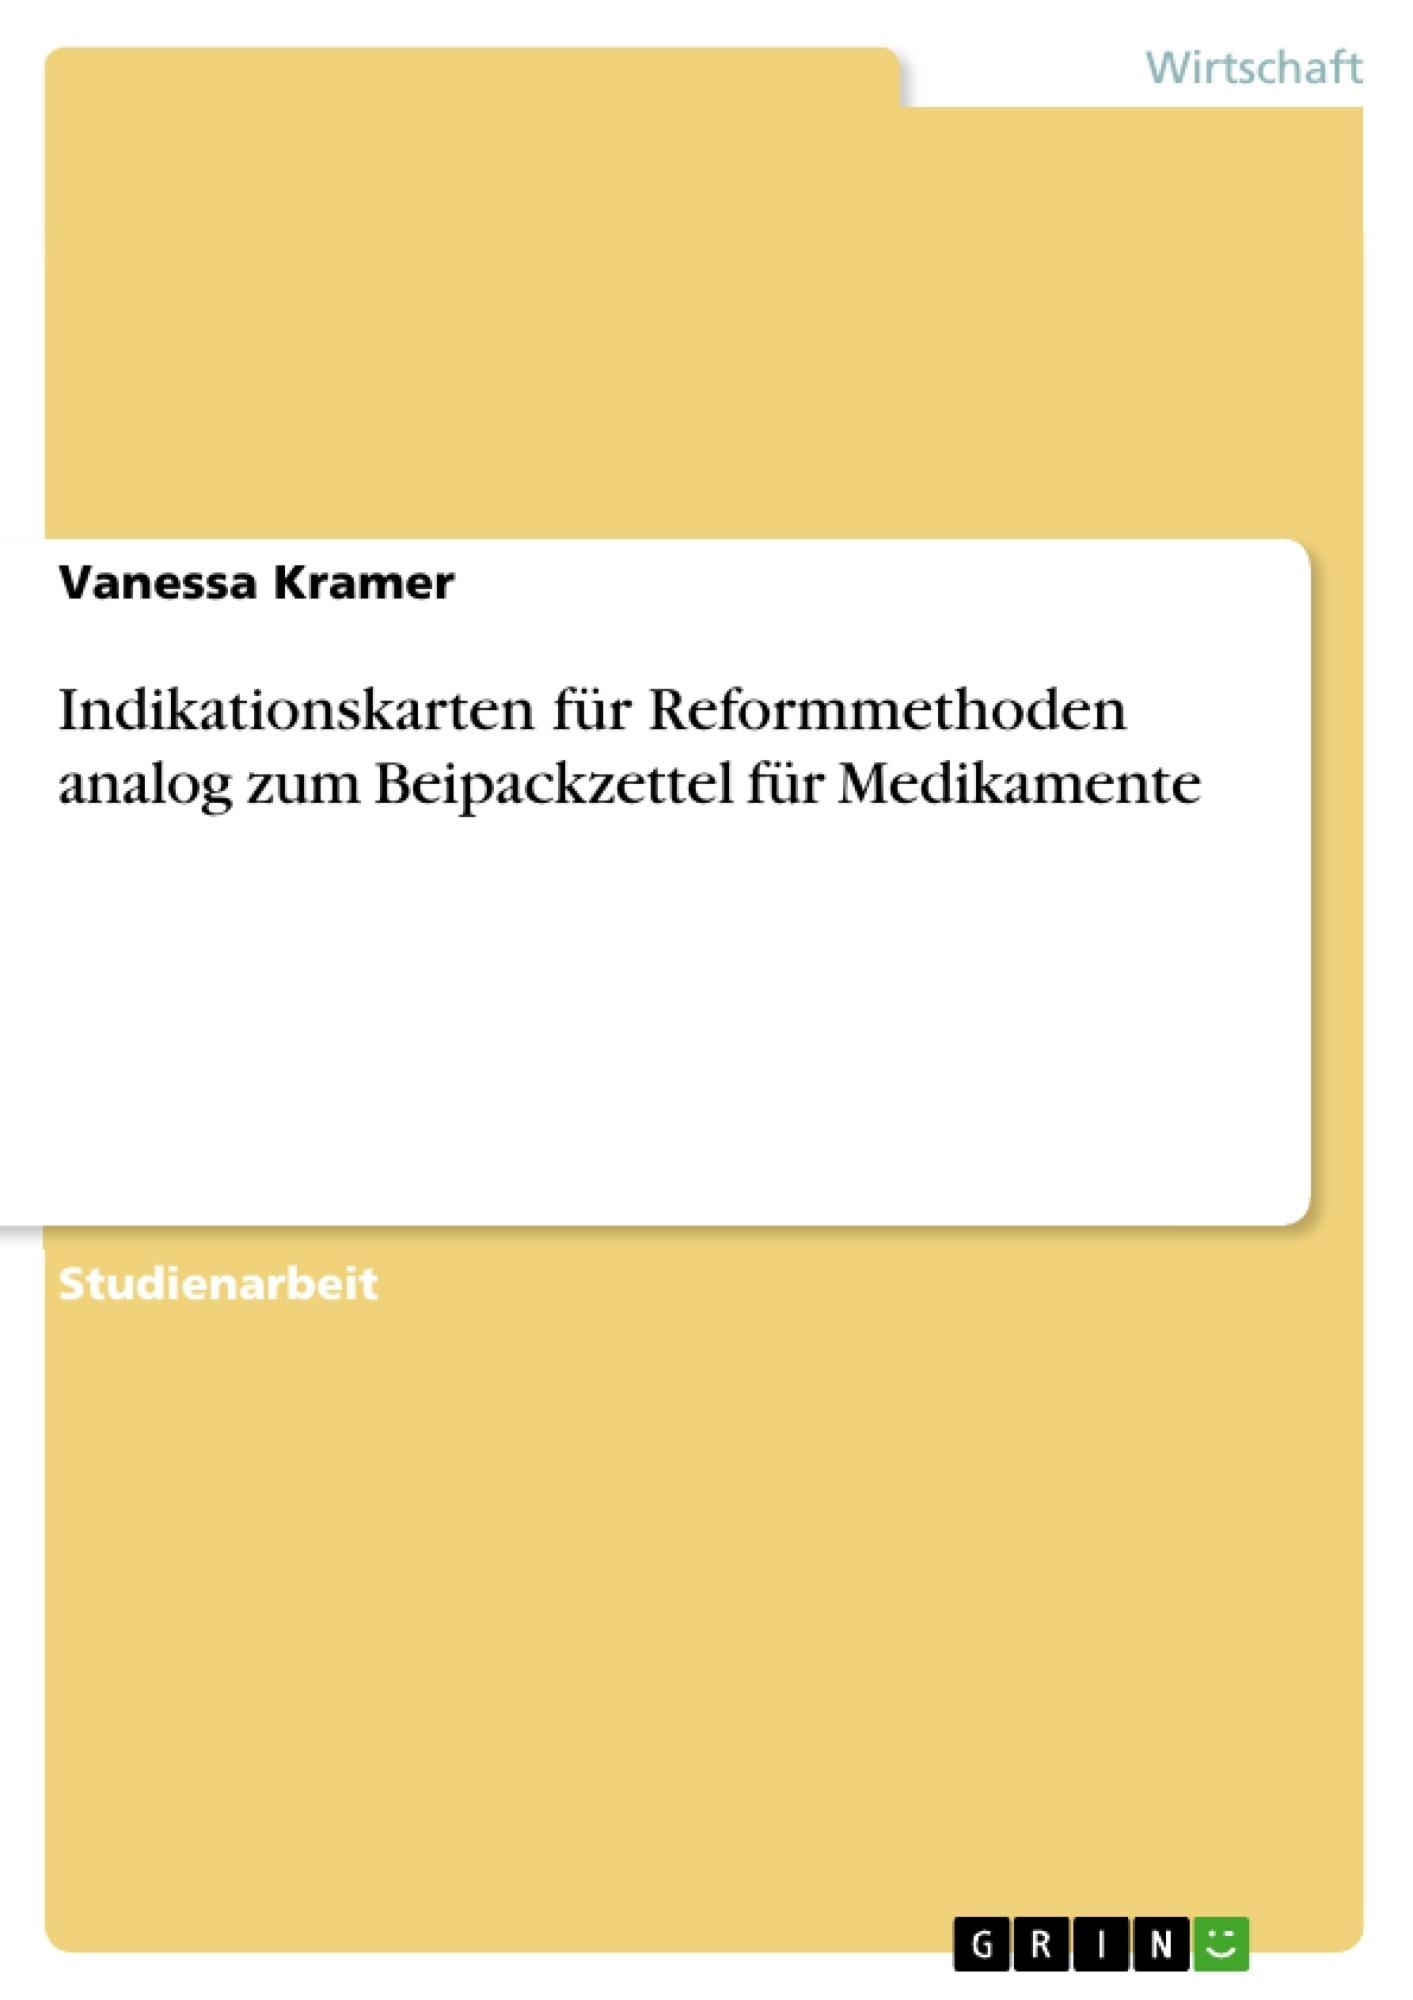 Titel: Indikationskarten für Reformmethoden analog zum Beipackzettel für Medikamente